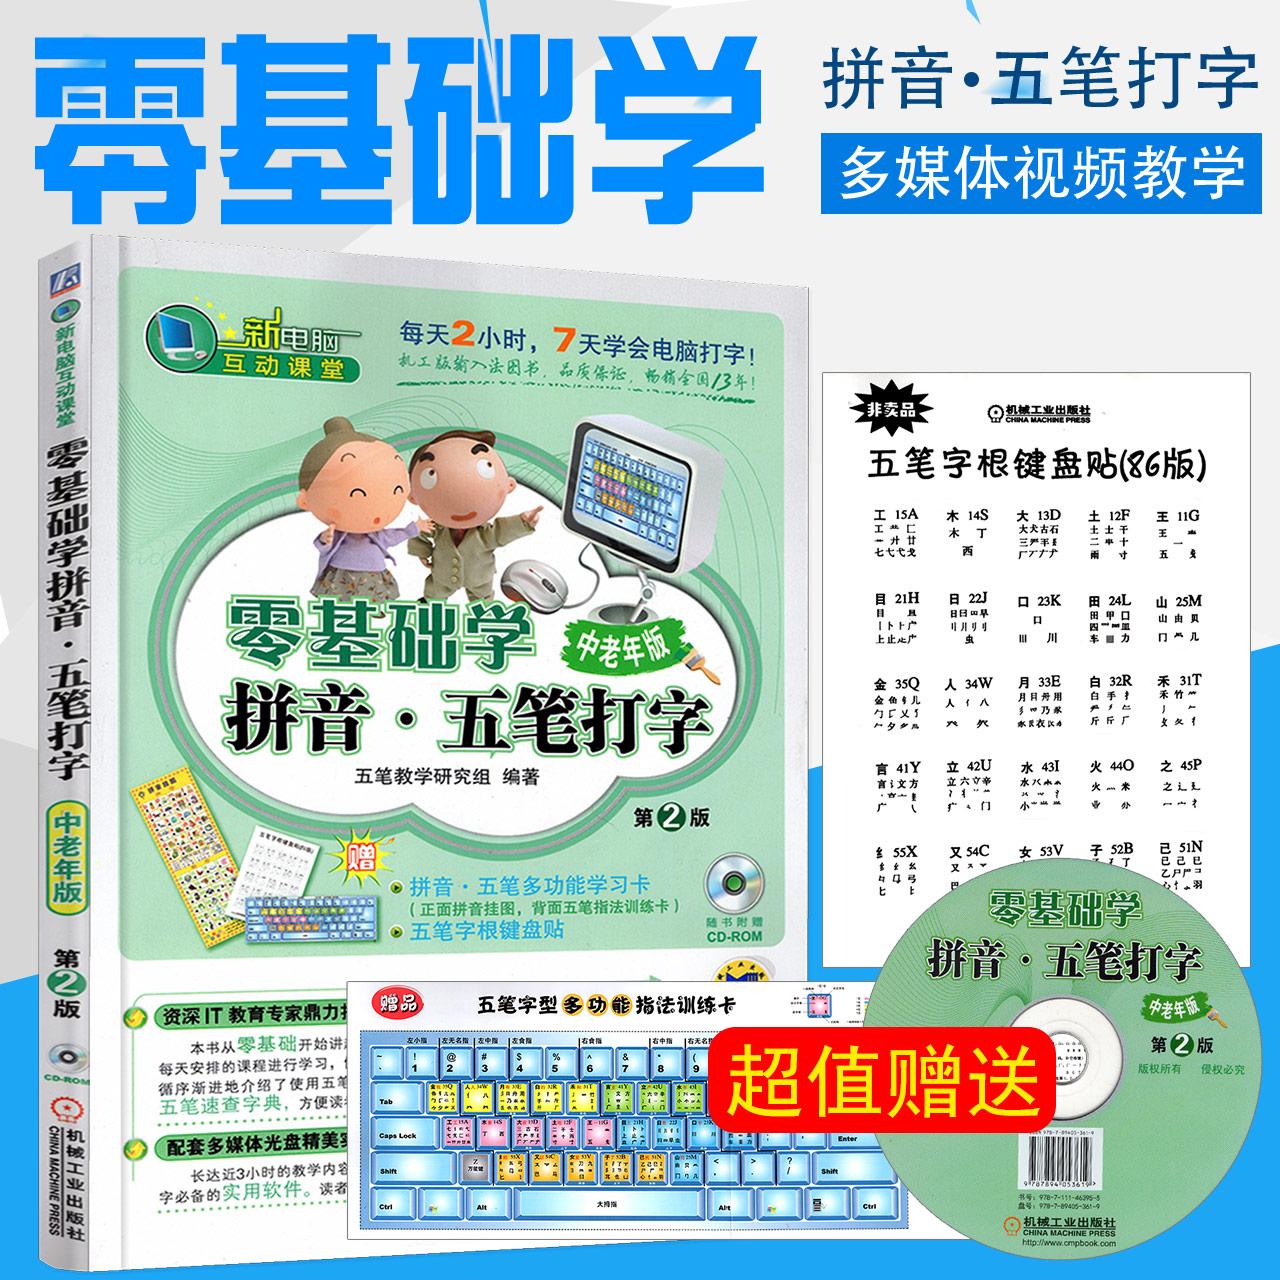 五笔打字教程书籍 零基础学习拼音 新手学电脑入门教程书 计算机基础应用教材 初学办公软件的书 完全自学速成手册 附视频光盘